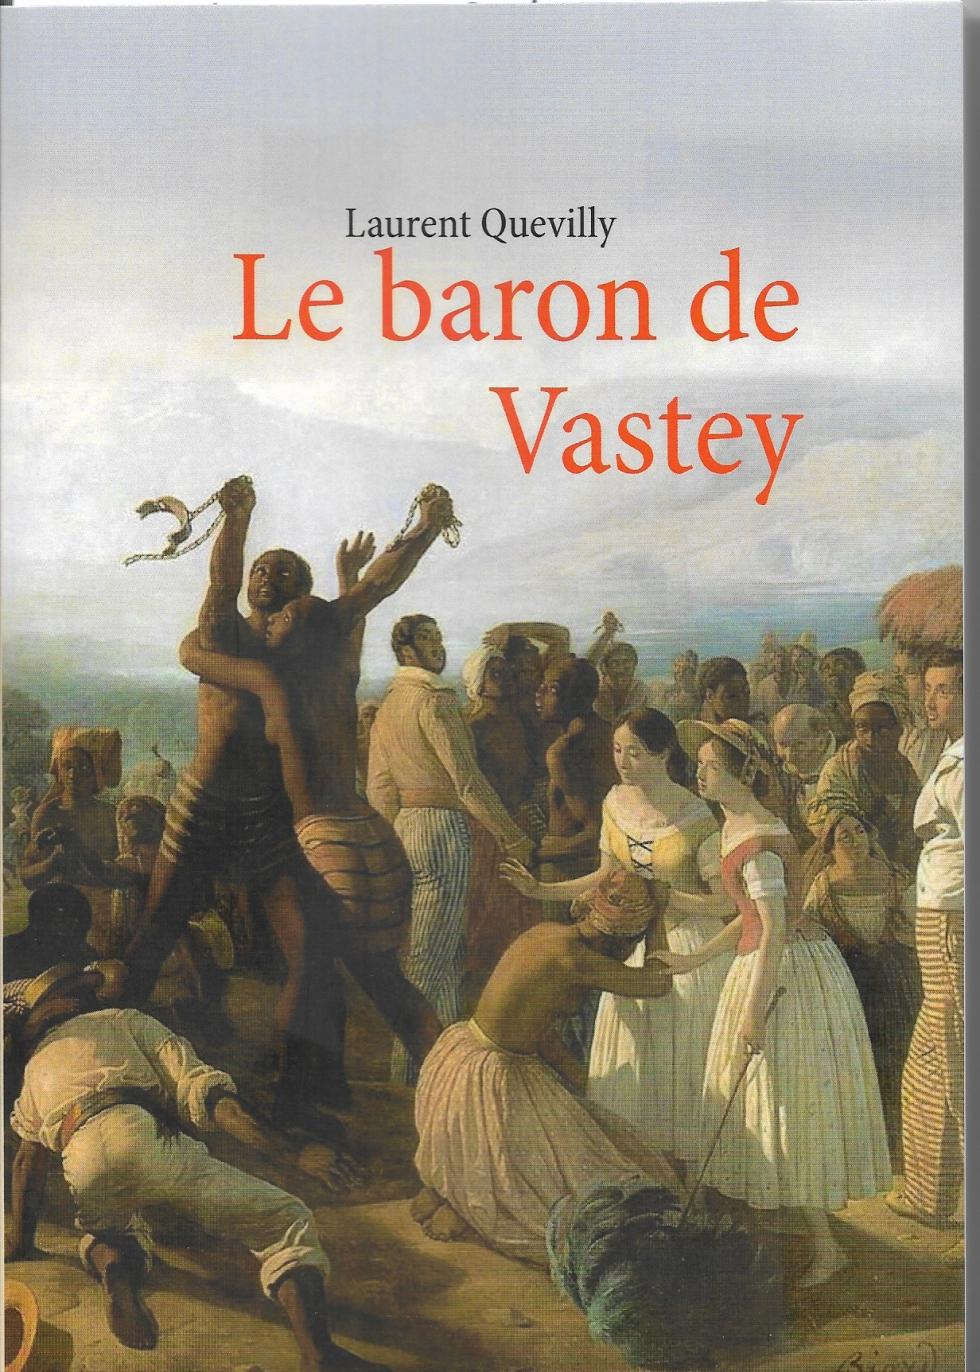 LE BARON DE VASTEY, de Laurent Quevilly [1]